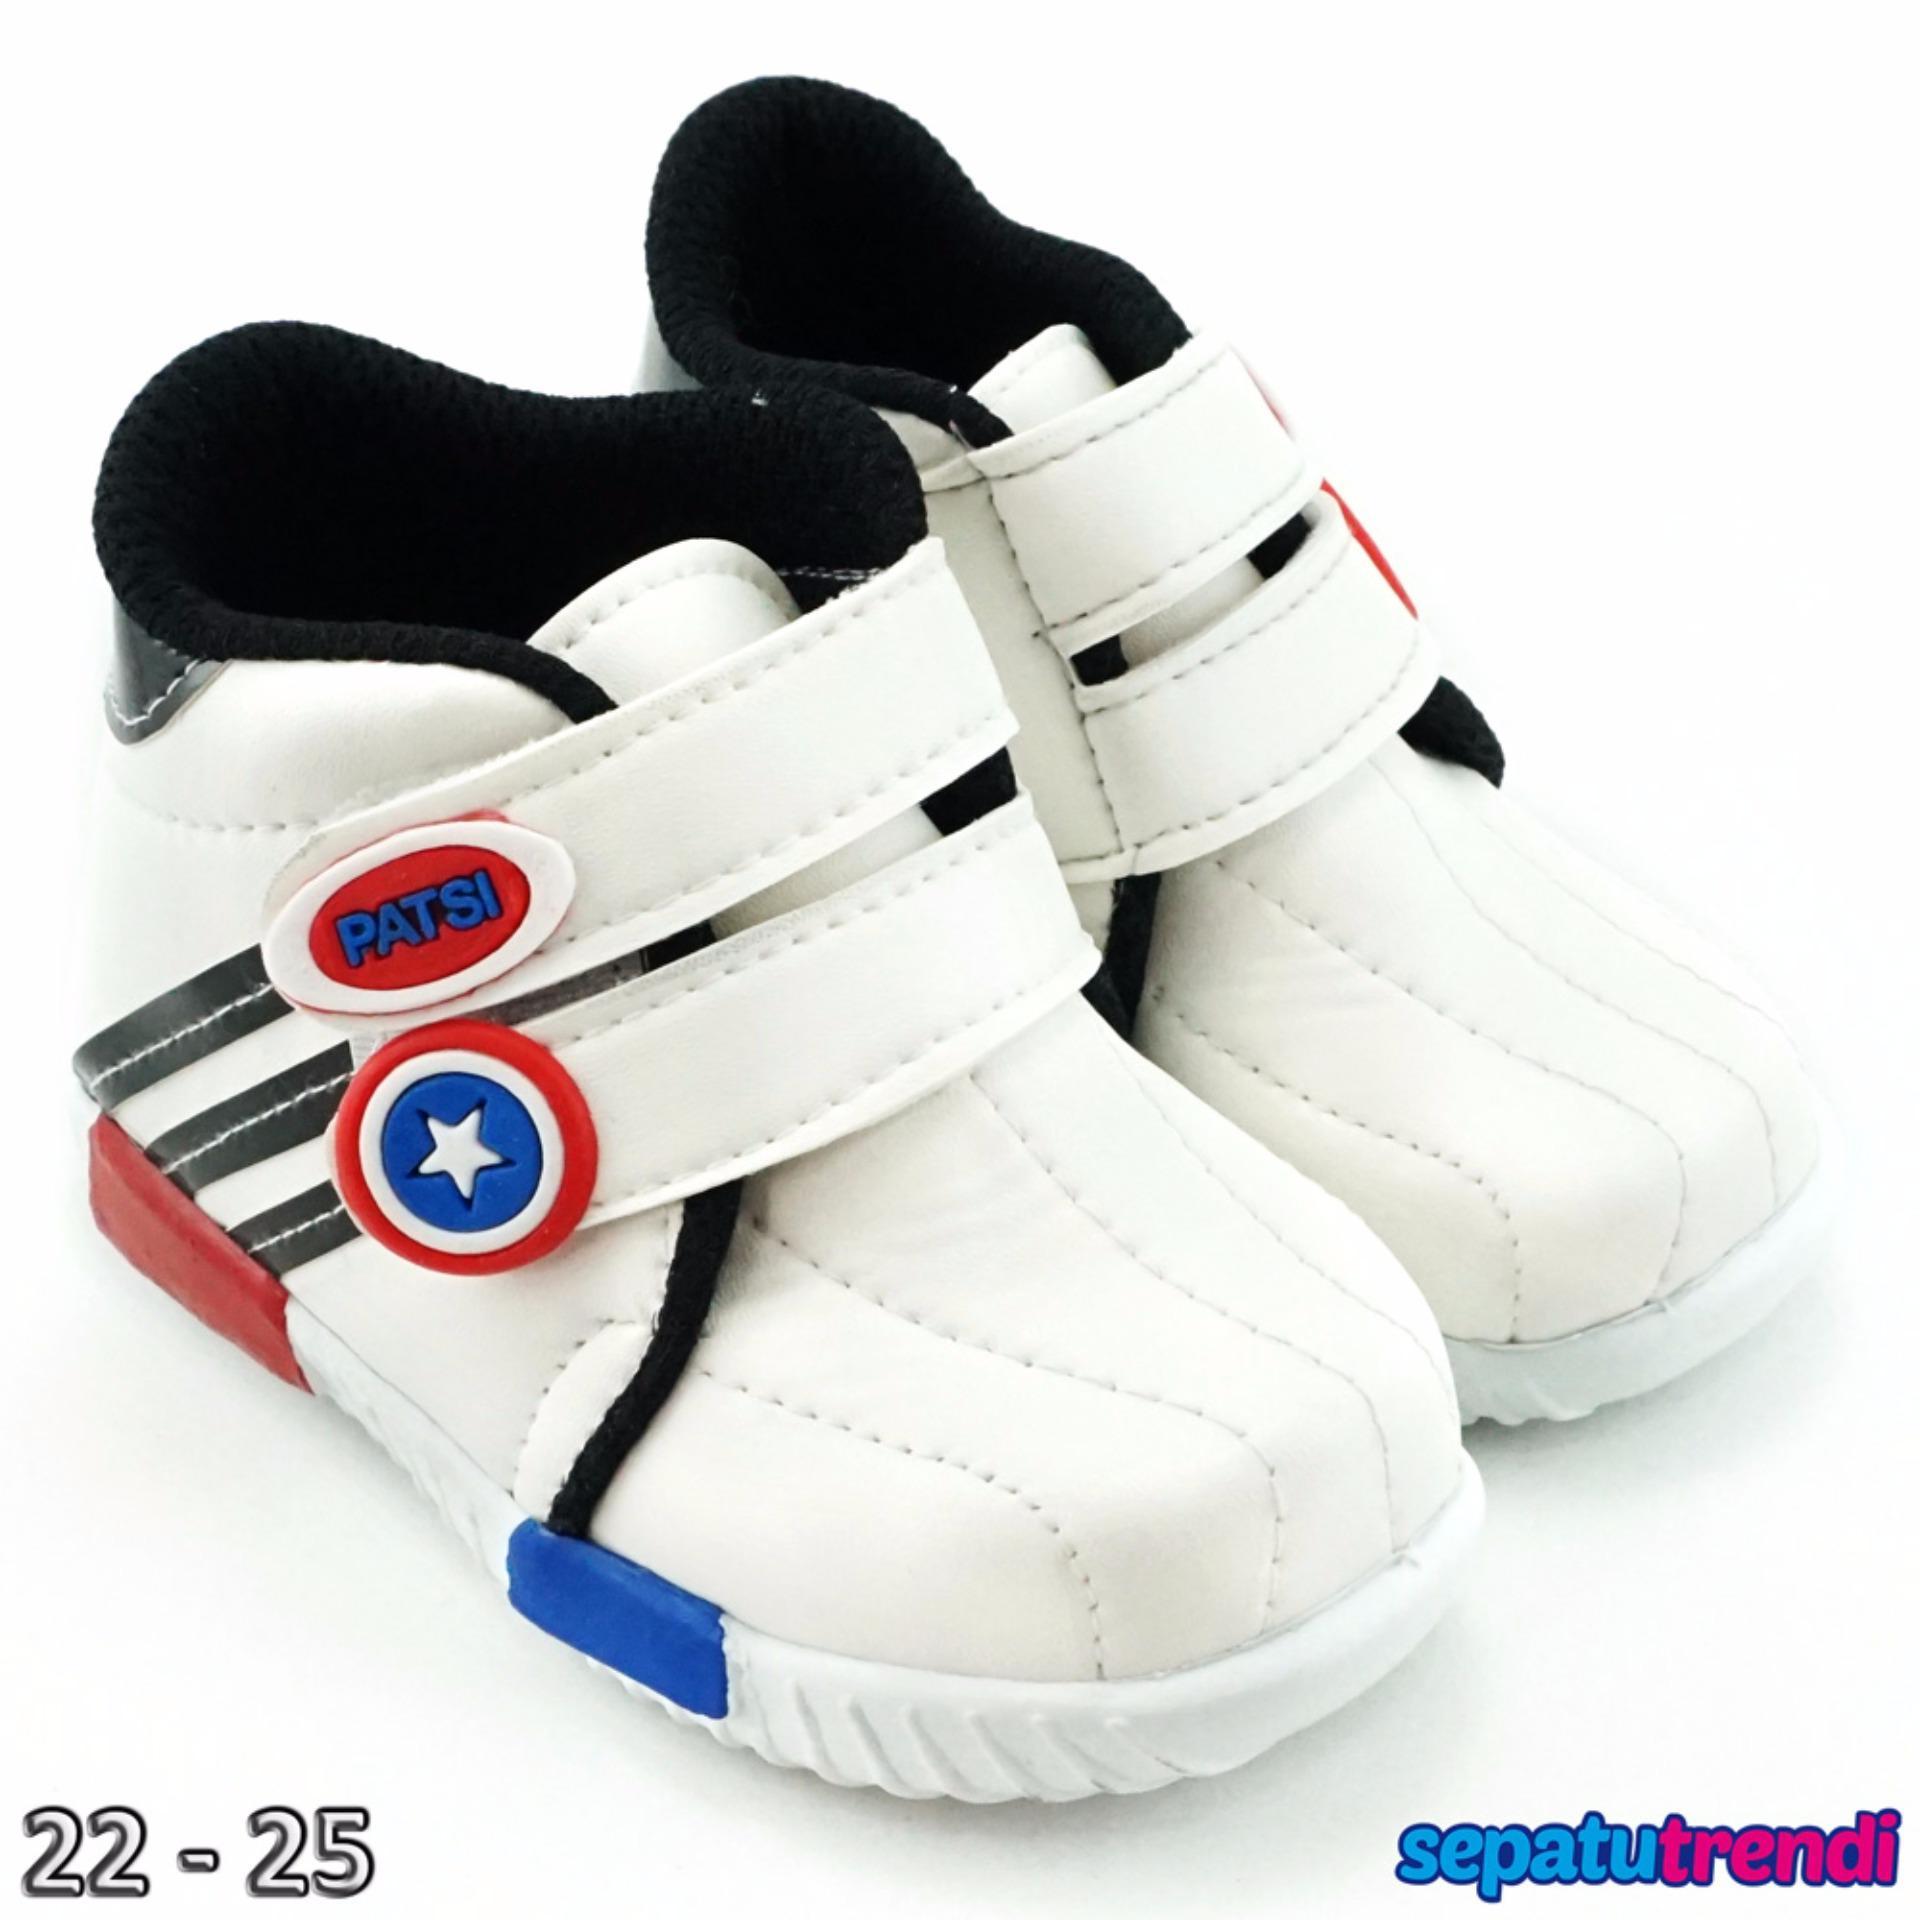 Spesifikasi Trendishoes Sepatu Anak Laki Laki Sport High Cut Semi Boot Jbk Hitam Murah